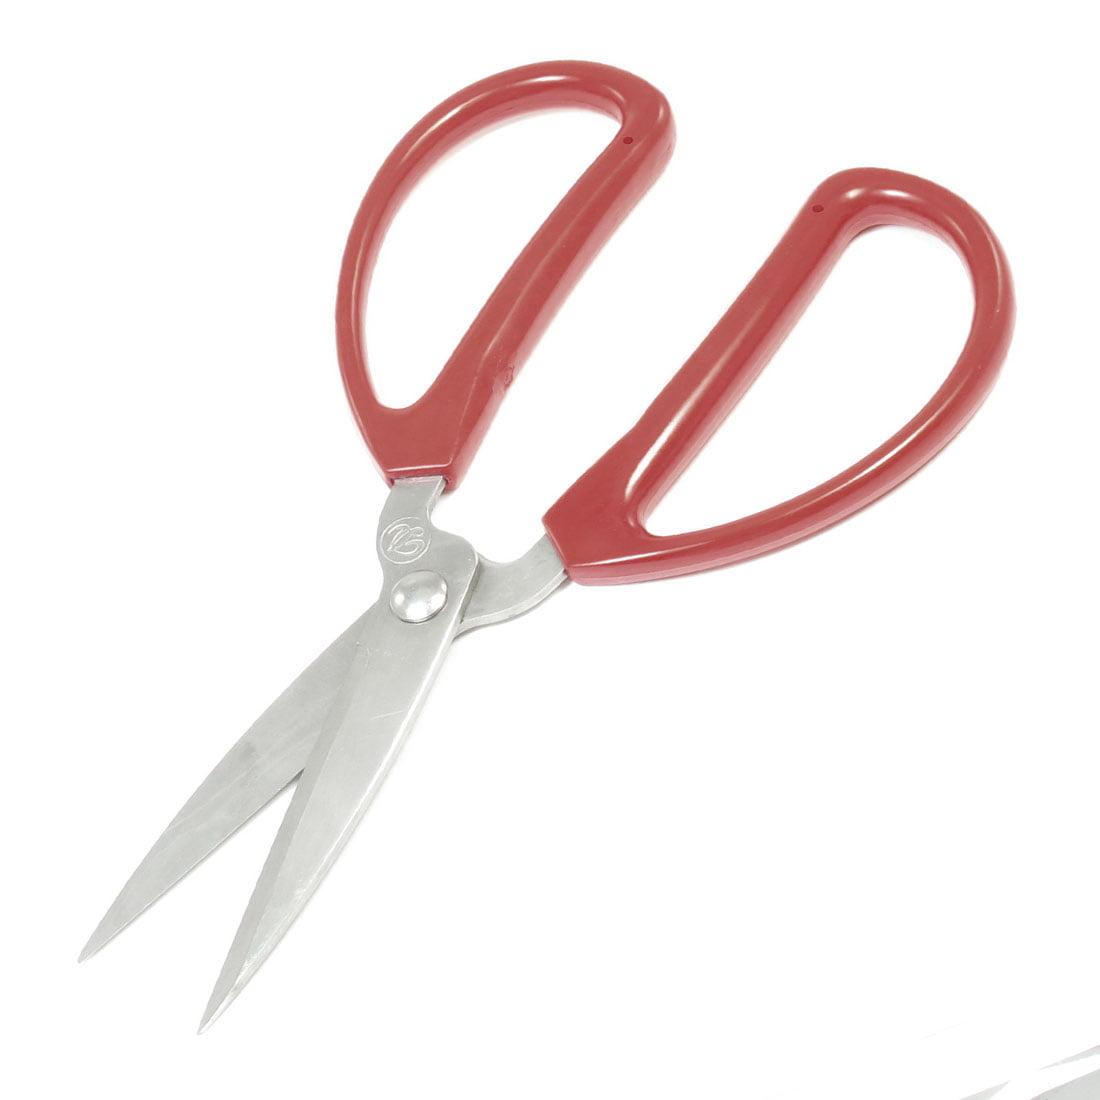 Unique Bargains Red Plastic Handle Stainless Steel Blade Workshop Scissors by Unique-Bargains